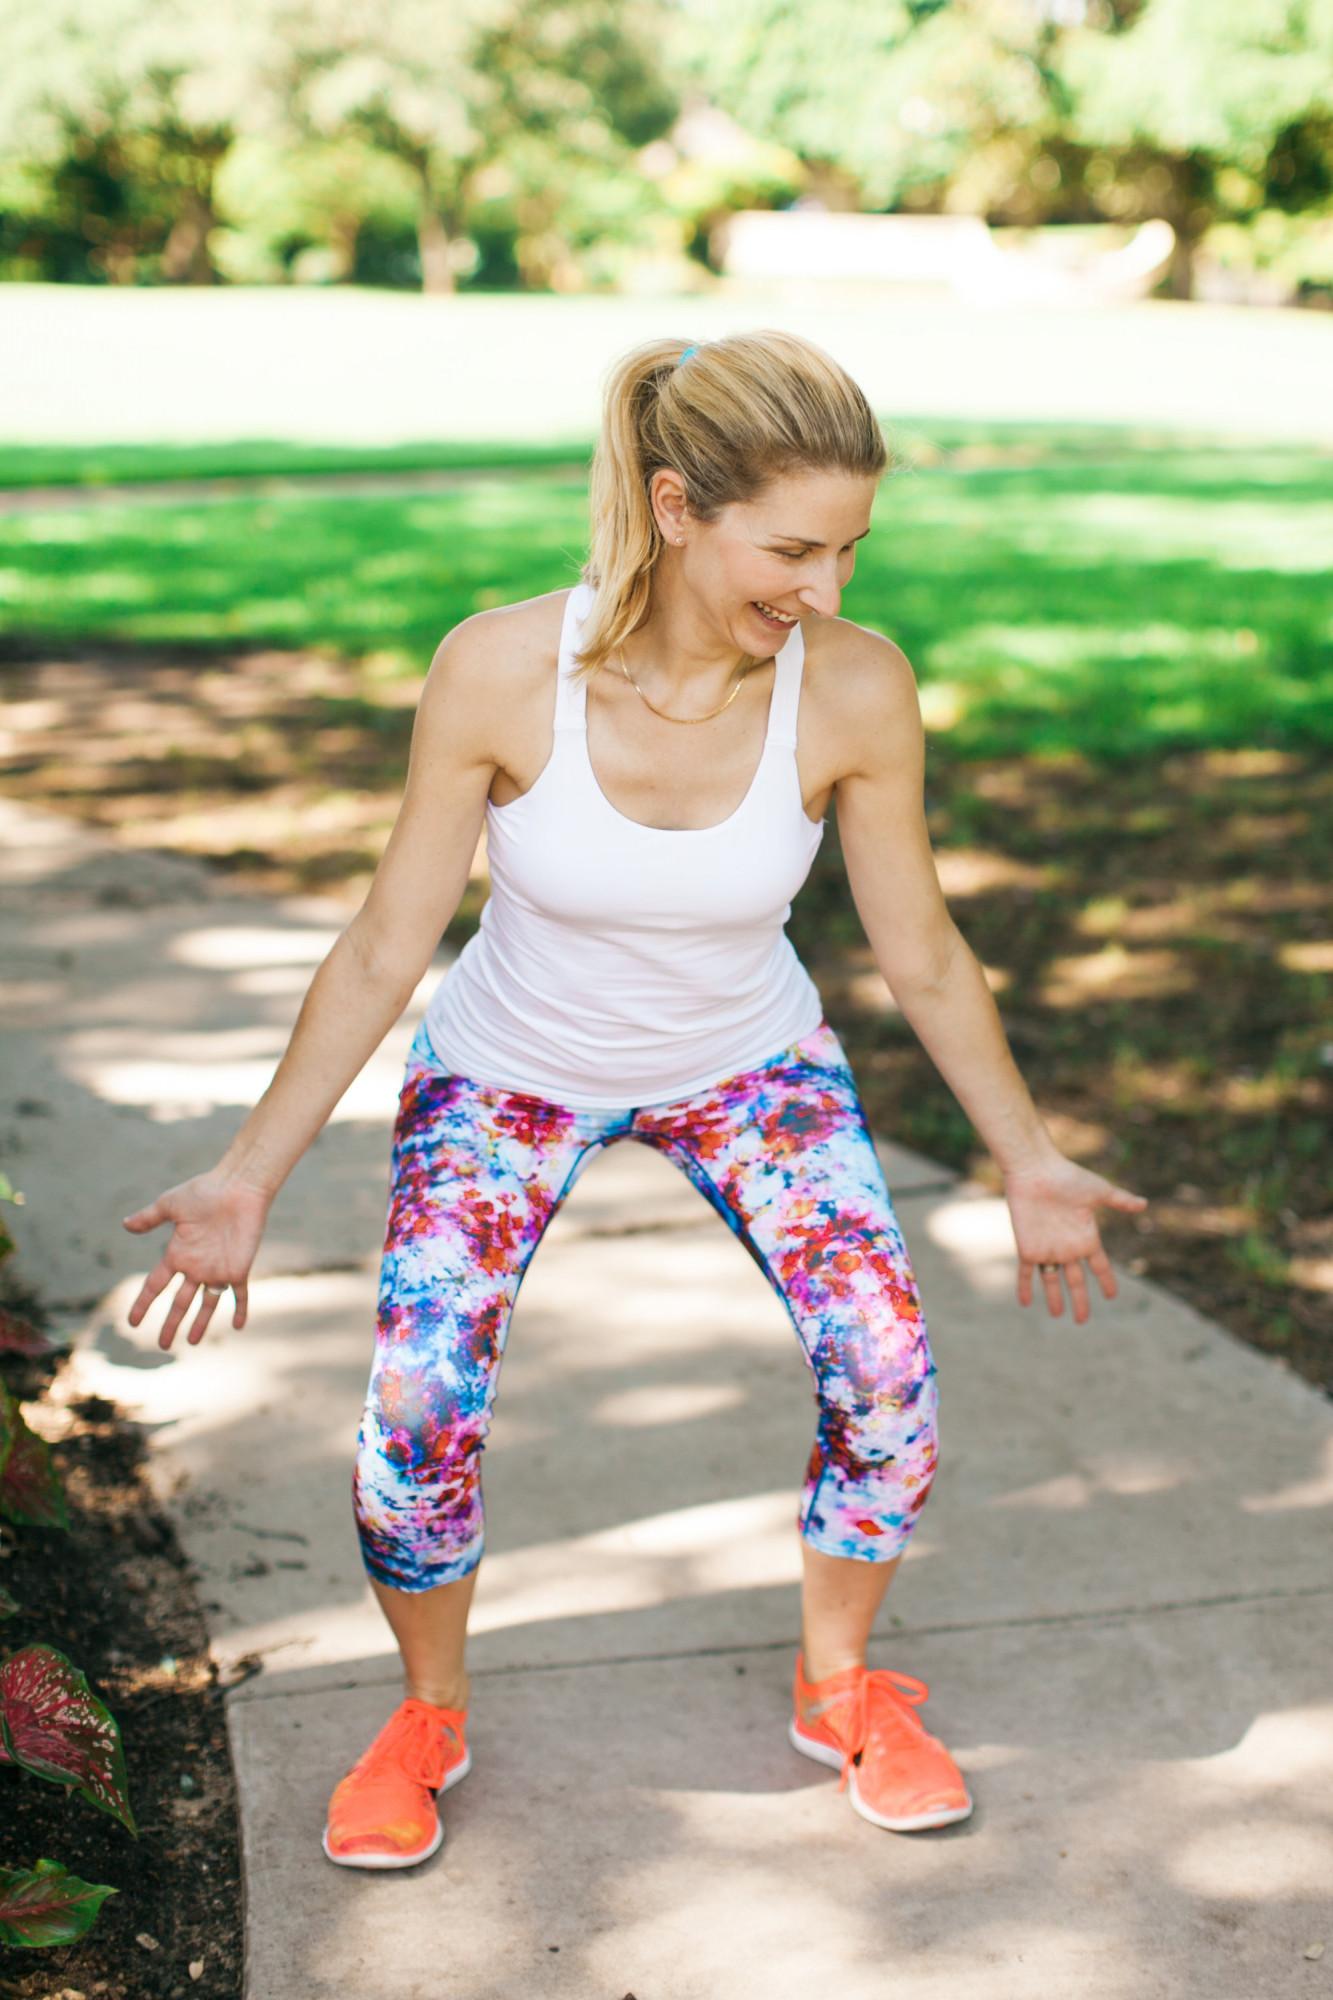 dallas-blogger-the-move-project-athleta-6002